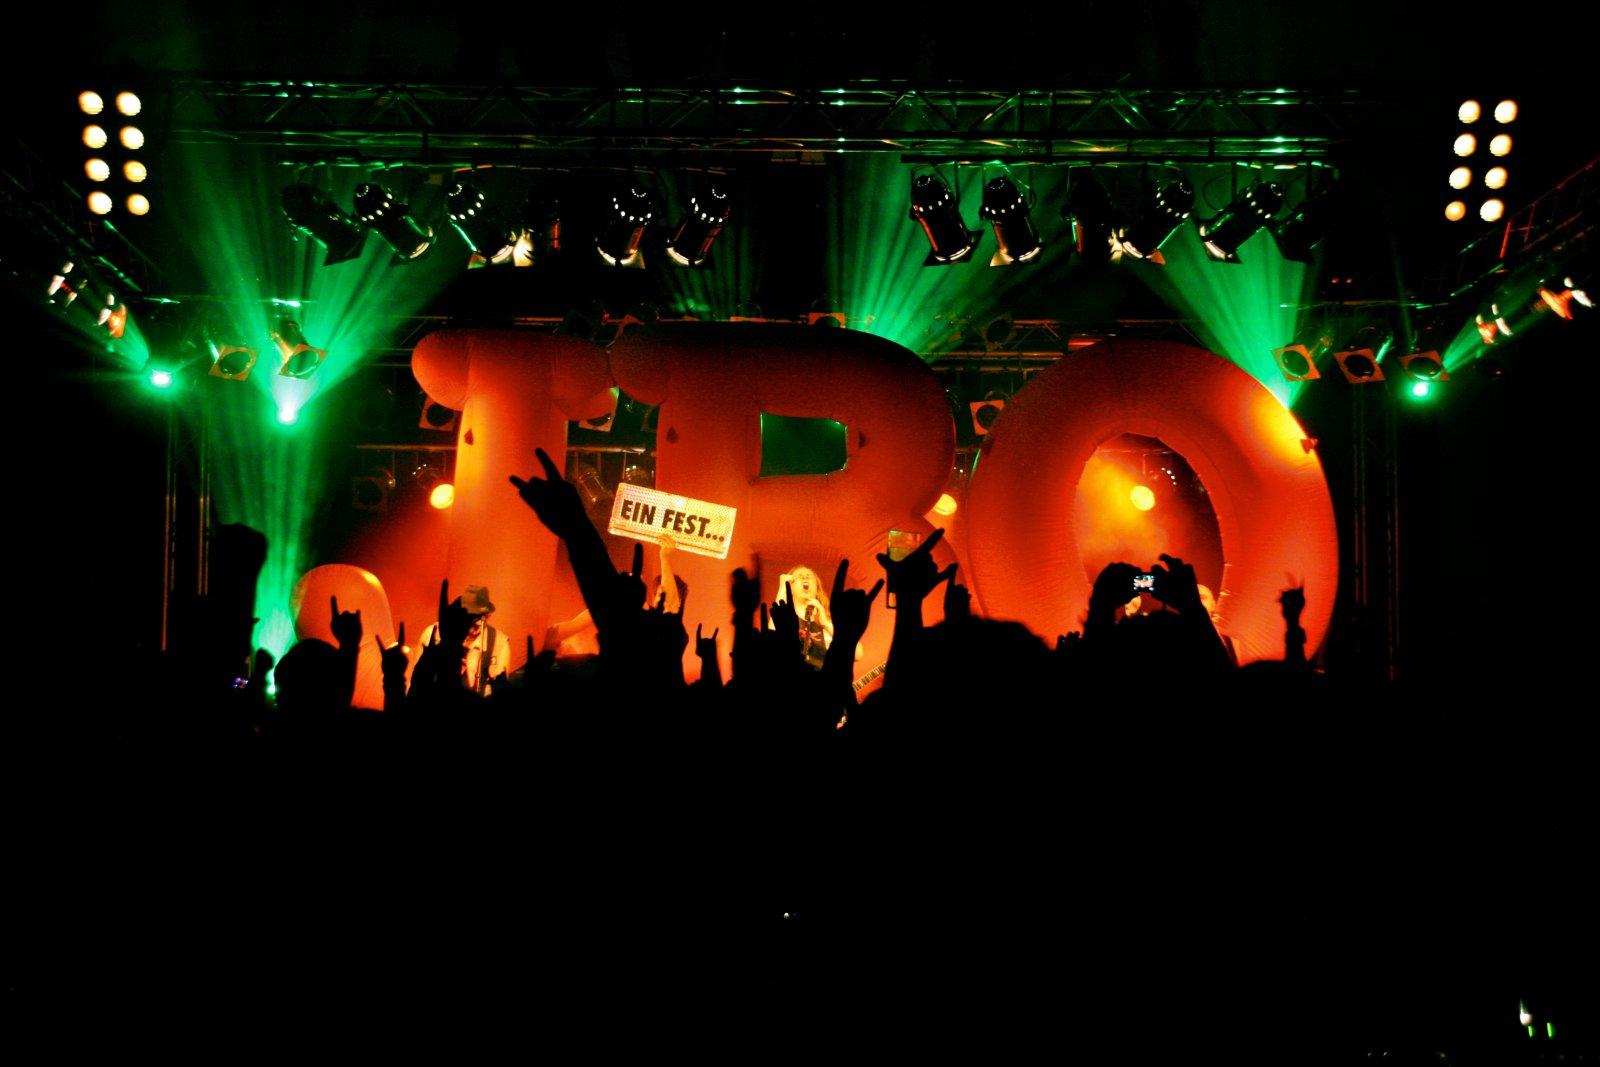 J.B.O. - Lennestadt Sauerlandhalle, 15.05.2010 - Foto von Marc Schwellenbach - 179